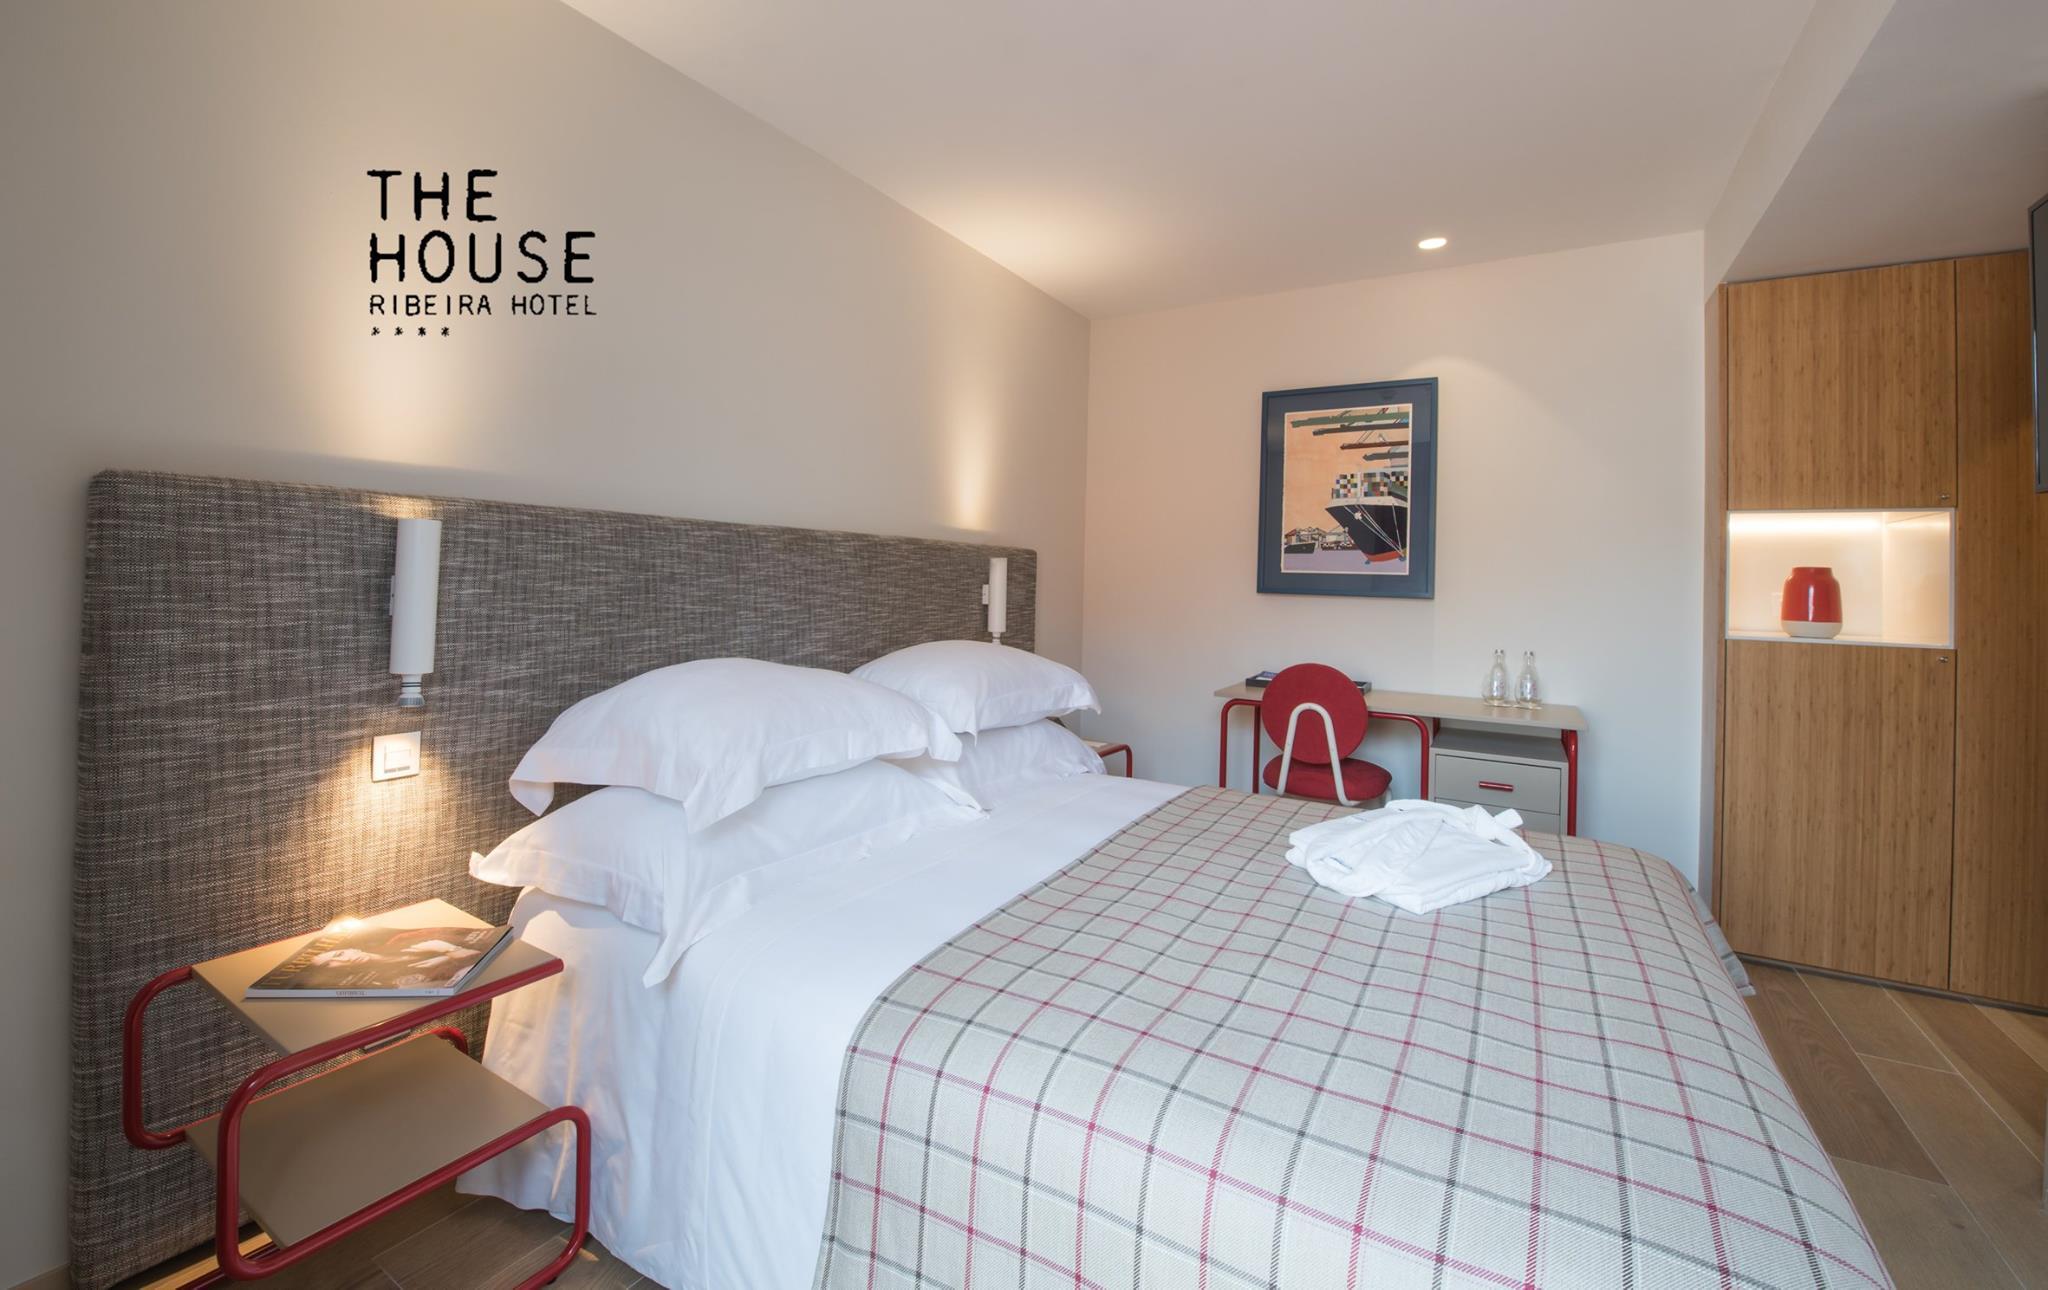 Chambre double - The House Ribeira Hotel - 4 etoiles - Porto